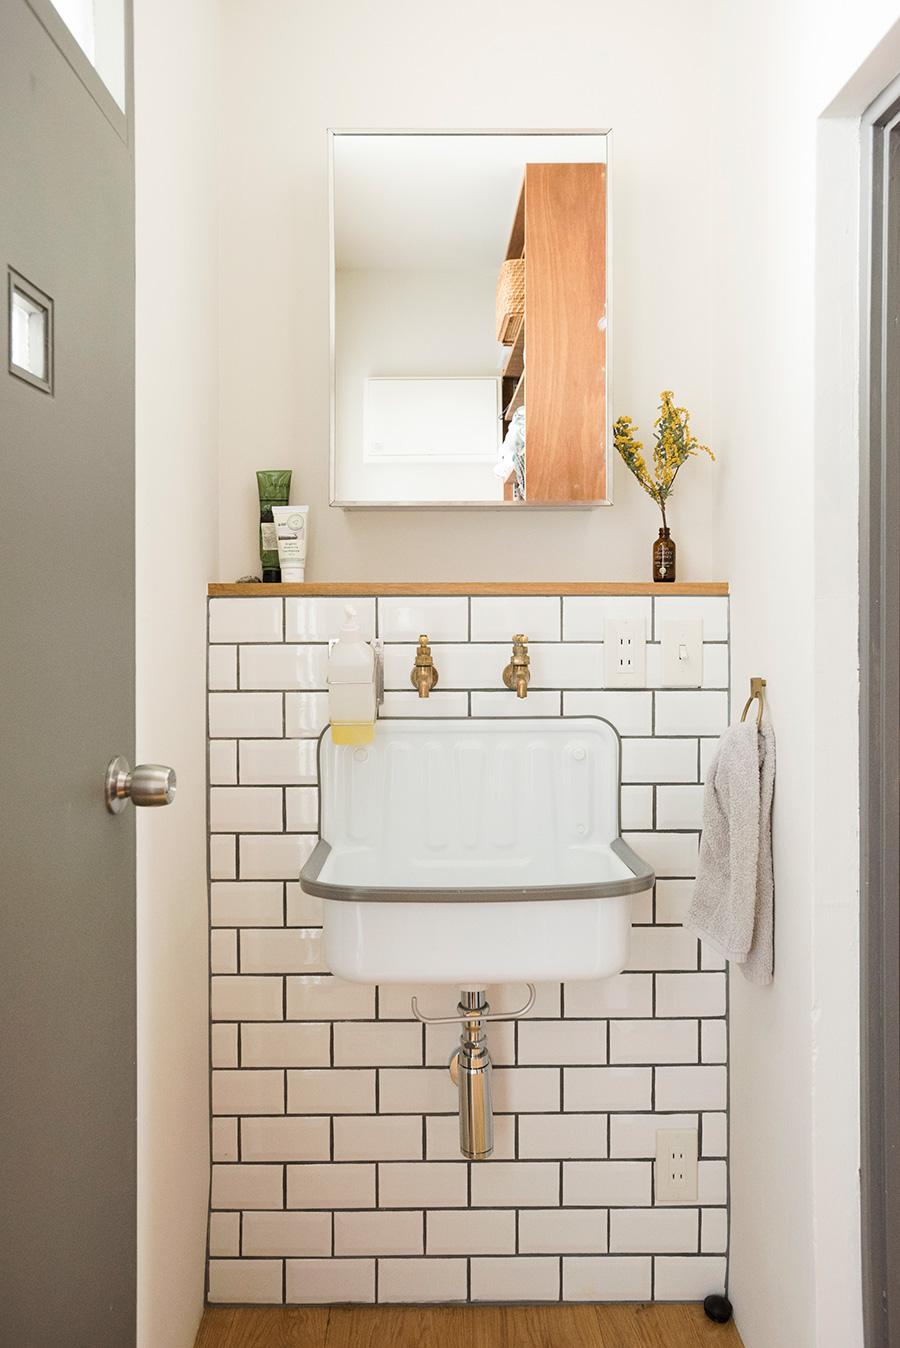 孝祐さんこだわりの洗面。立体的なサブウェイタイルに鉄製のシンクを。バウハウスの寮で使われていたというシンクは「かっこよさだけで選んだ」そう。